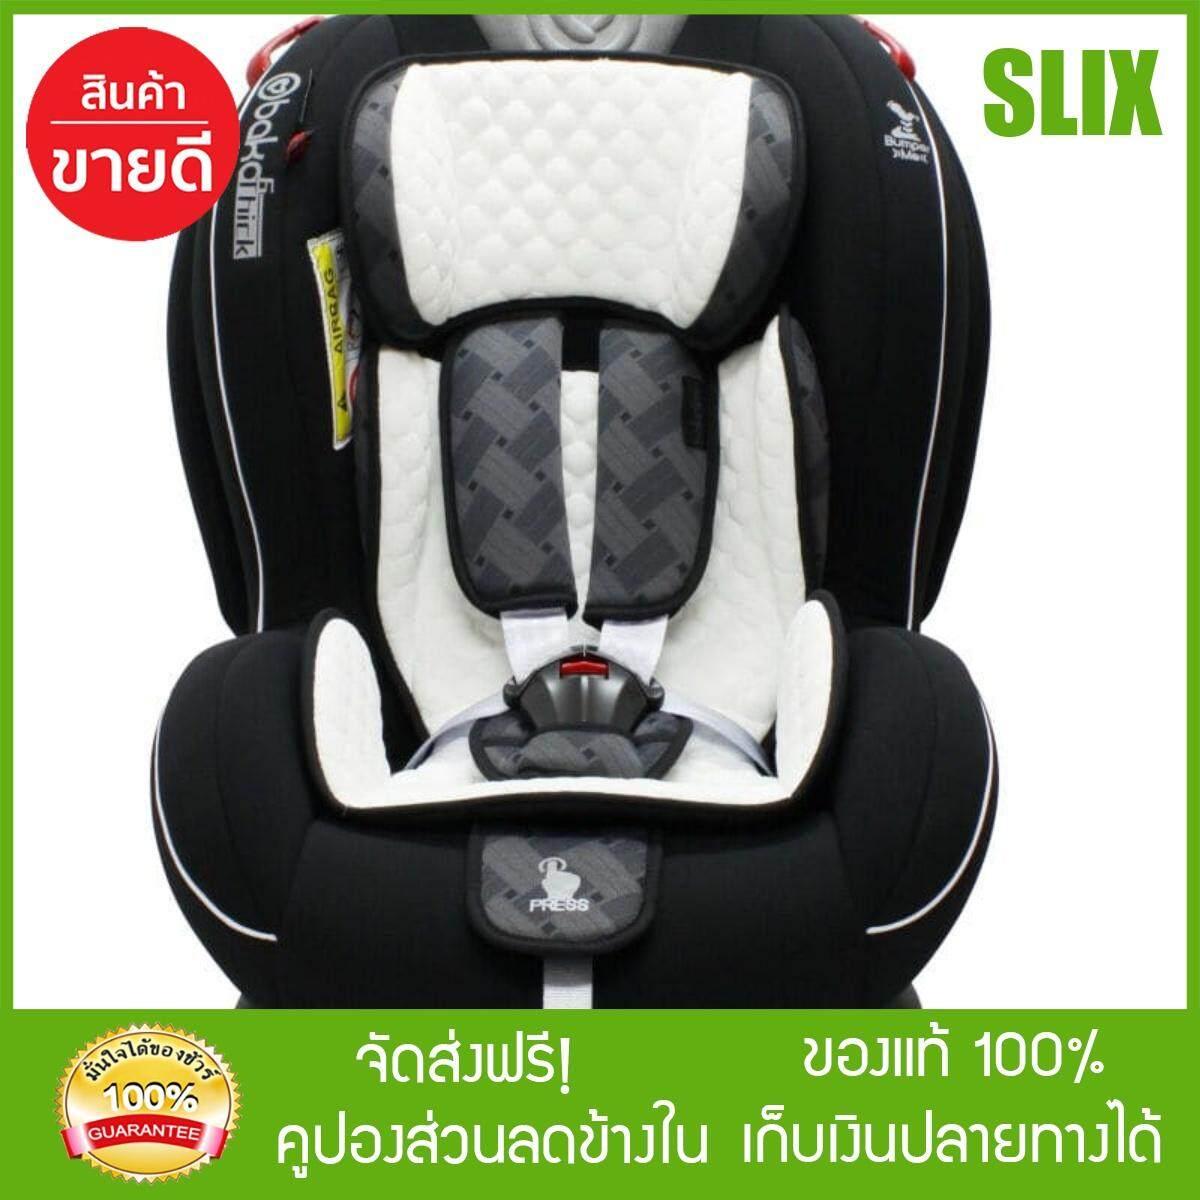 [Slix]- เบาะติดรถ group 0-1-2 BAKO-6 ผ้ารังผึ้ง ดำ คาร์ซีท คาร์ซีทเด็ก car seat ส่ง Kerry เก็บปลายทางได้